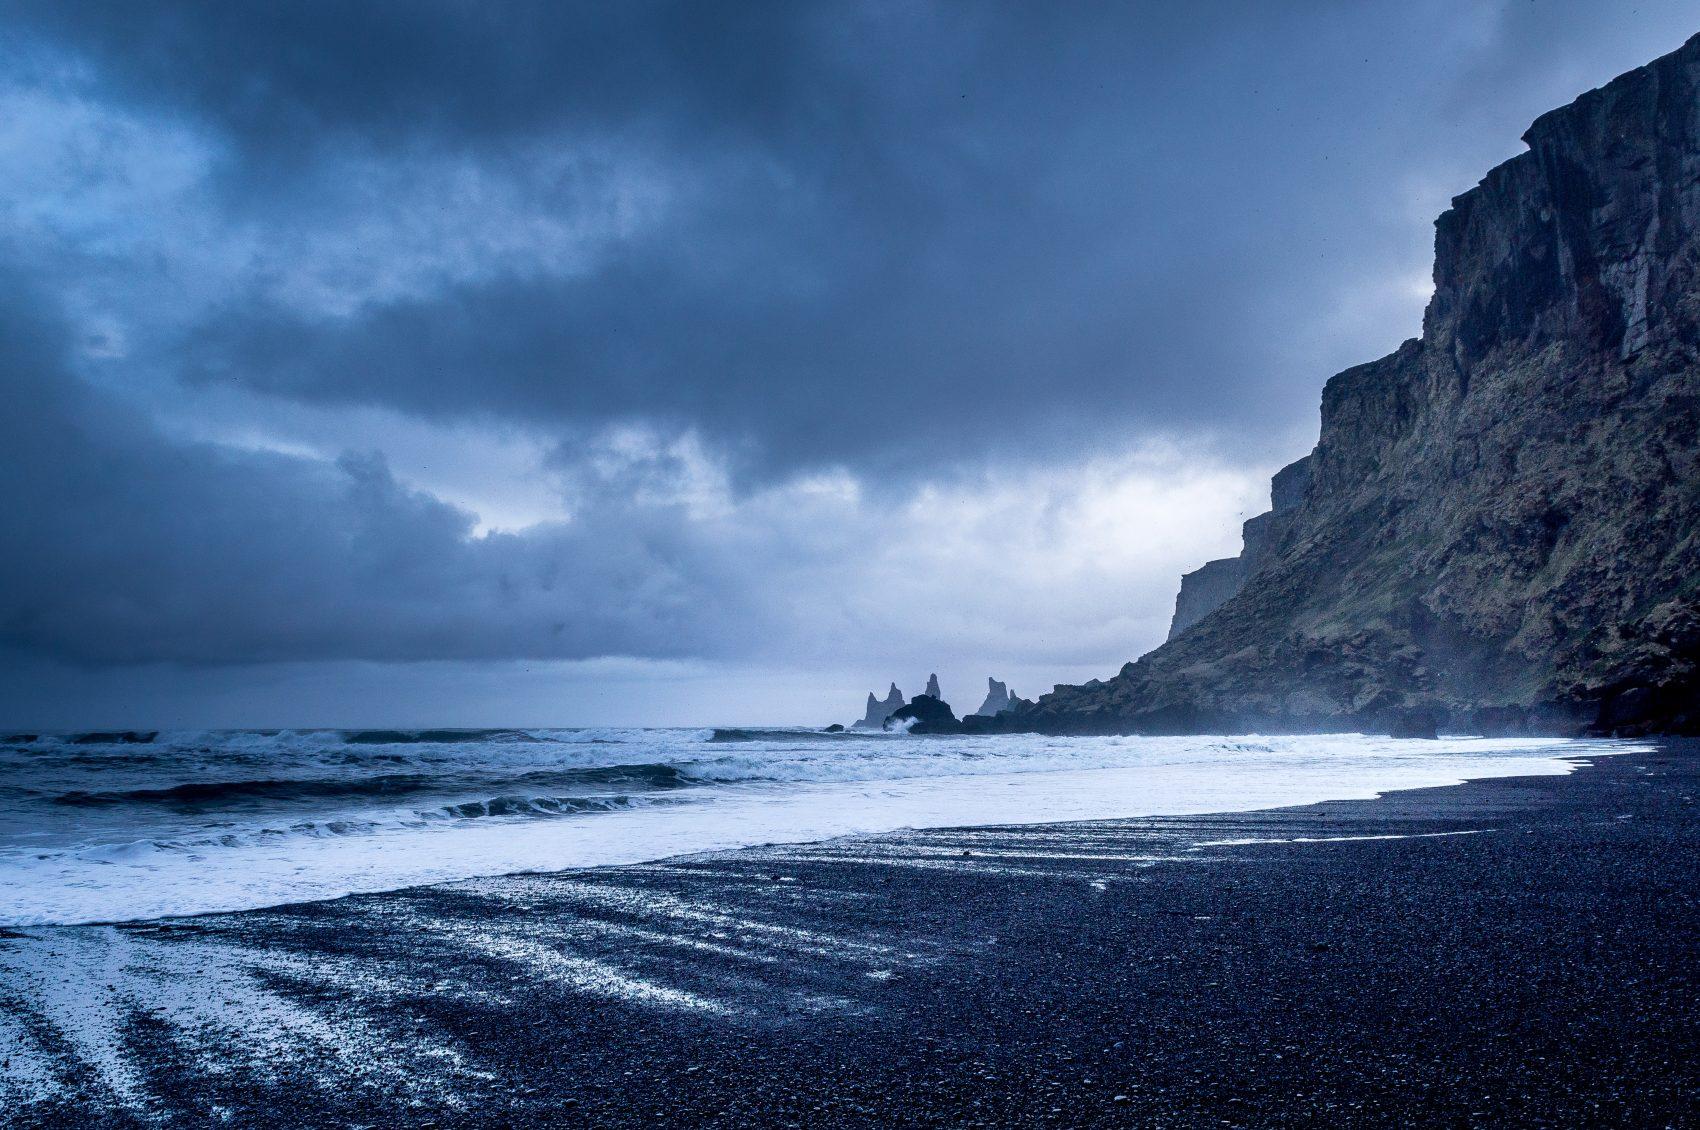 Amazing Iceland photos